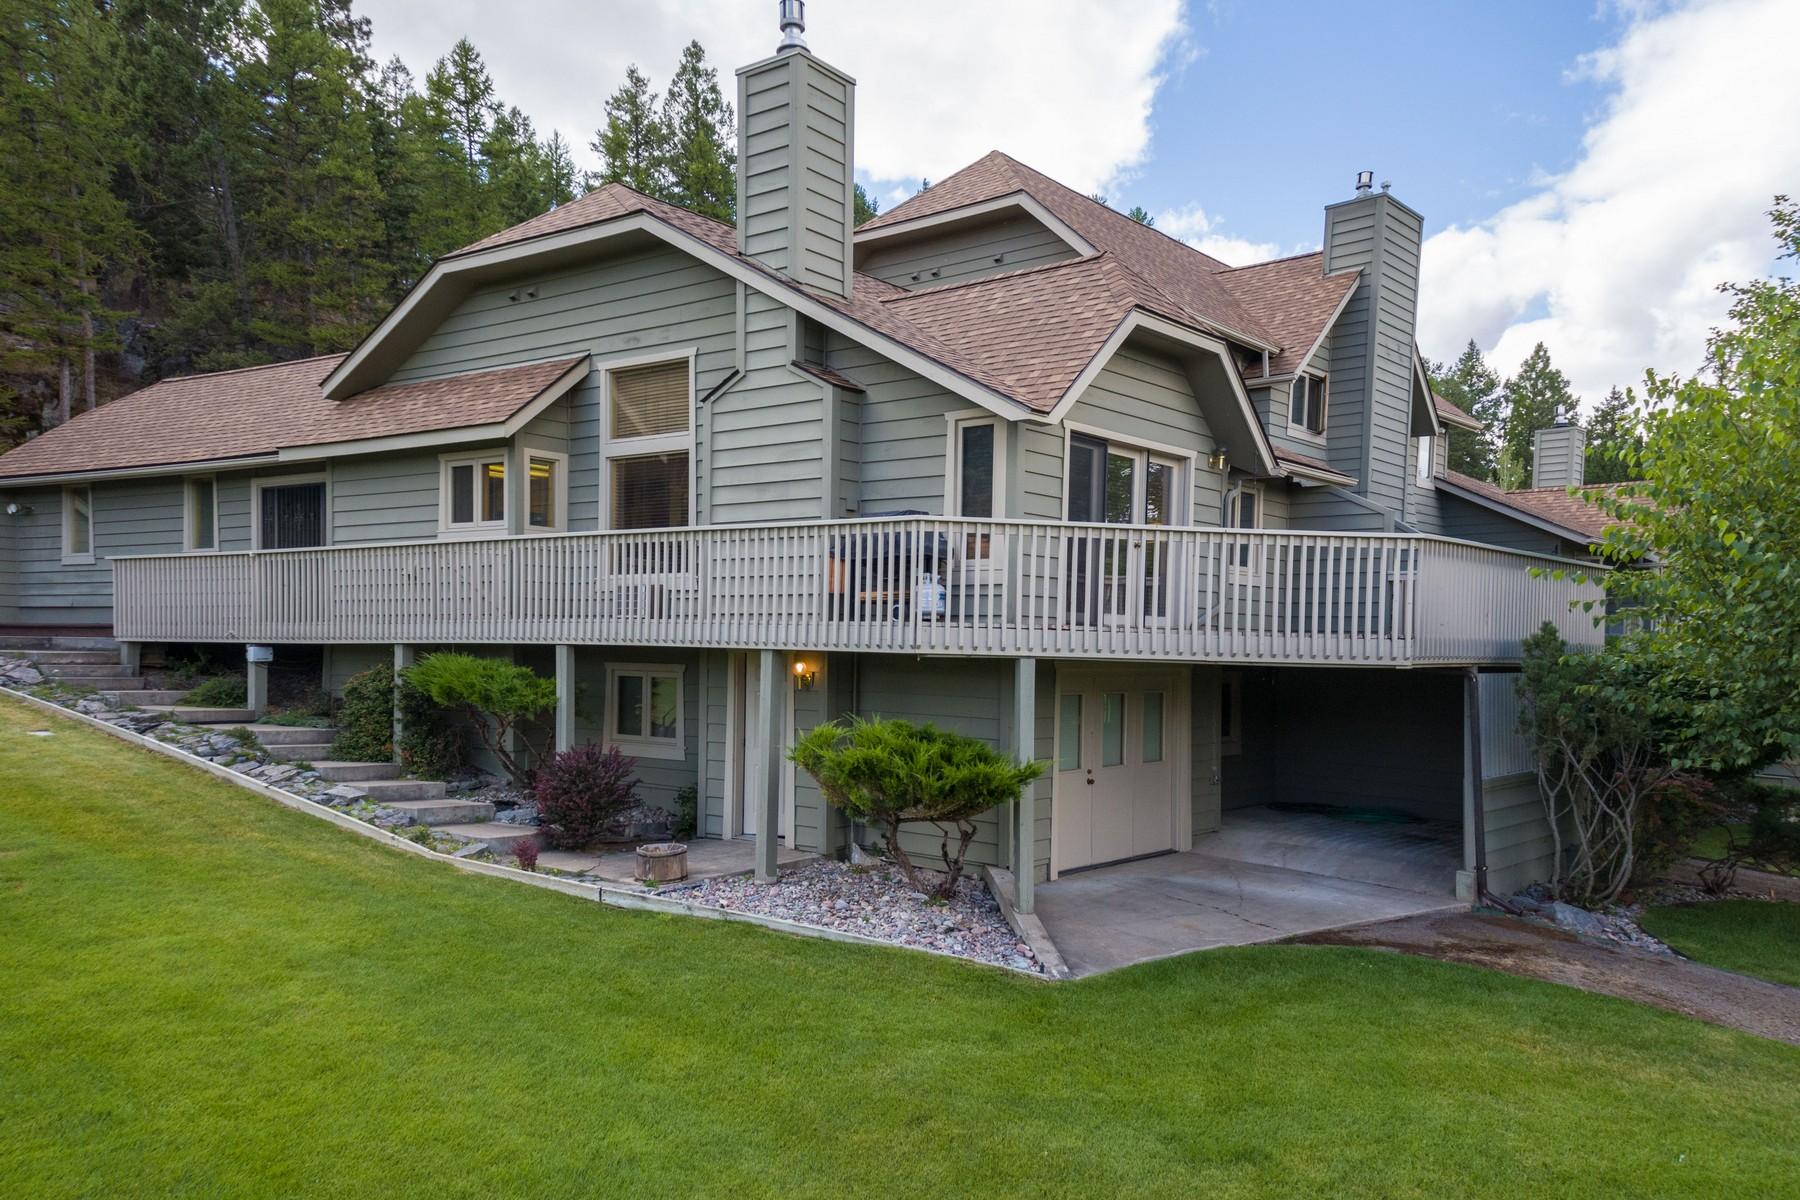 Moradia em banda para Venda às Eagle Bend Townhouse 23 Golf Terr Bigfork, Montana, 59911 Estados Unidos